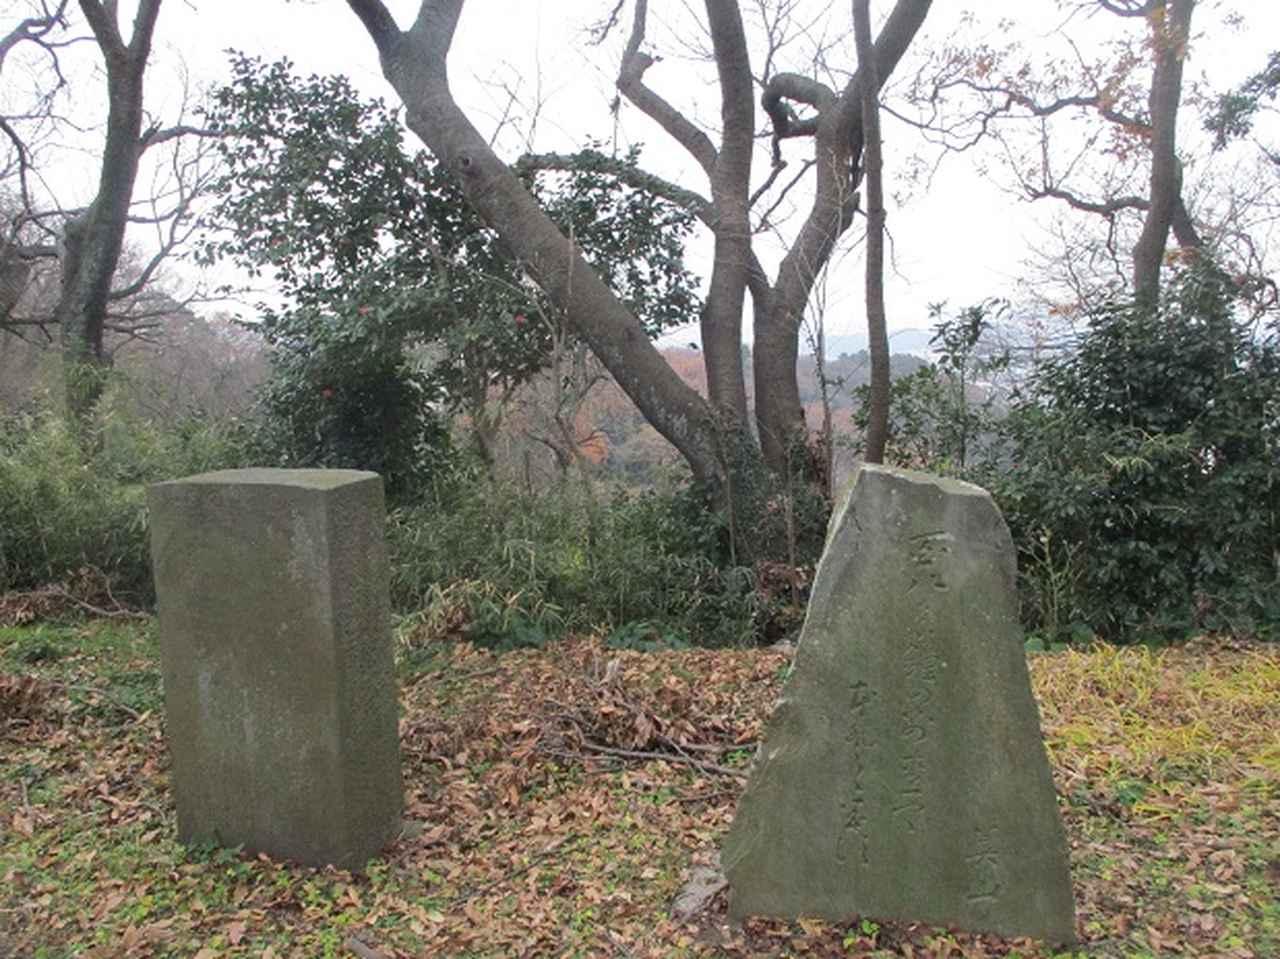 画像1: 先日12月22日に山旅会現地集合 「能見堂緑地から天園」 ツアーにいってまいりました!